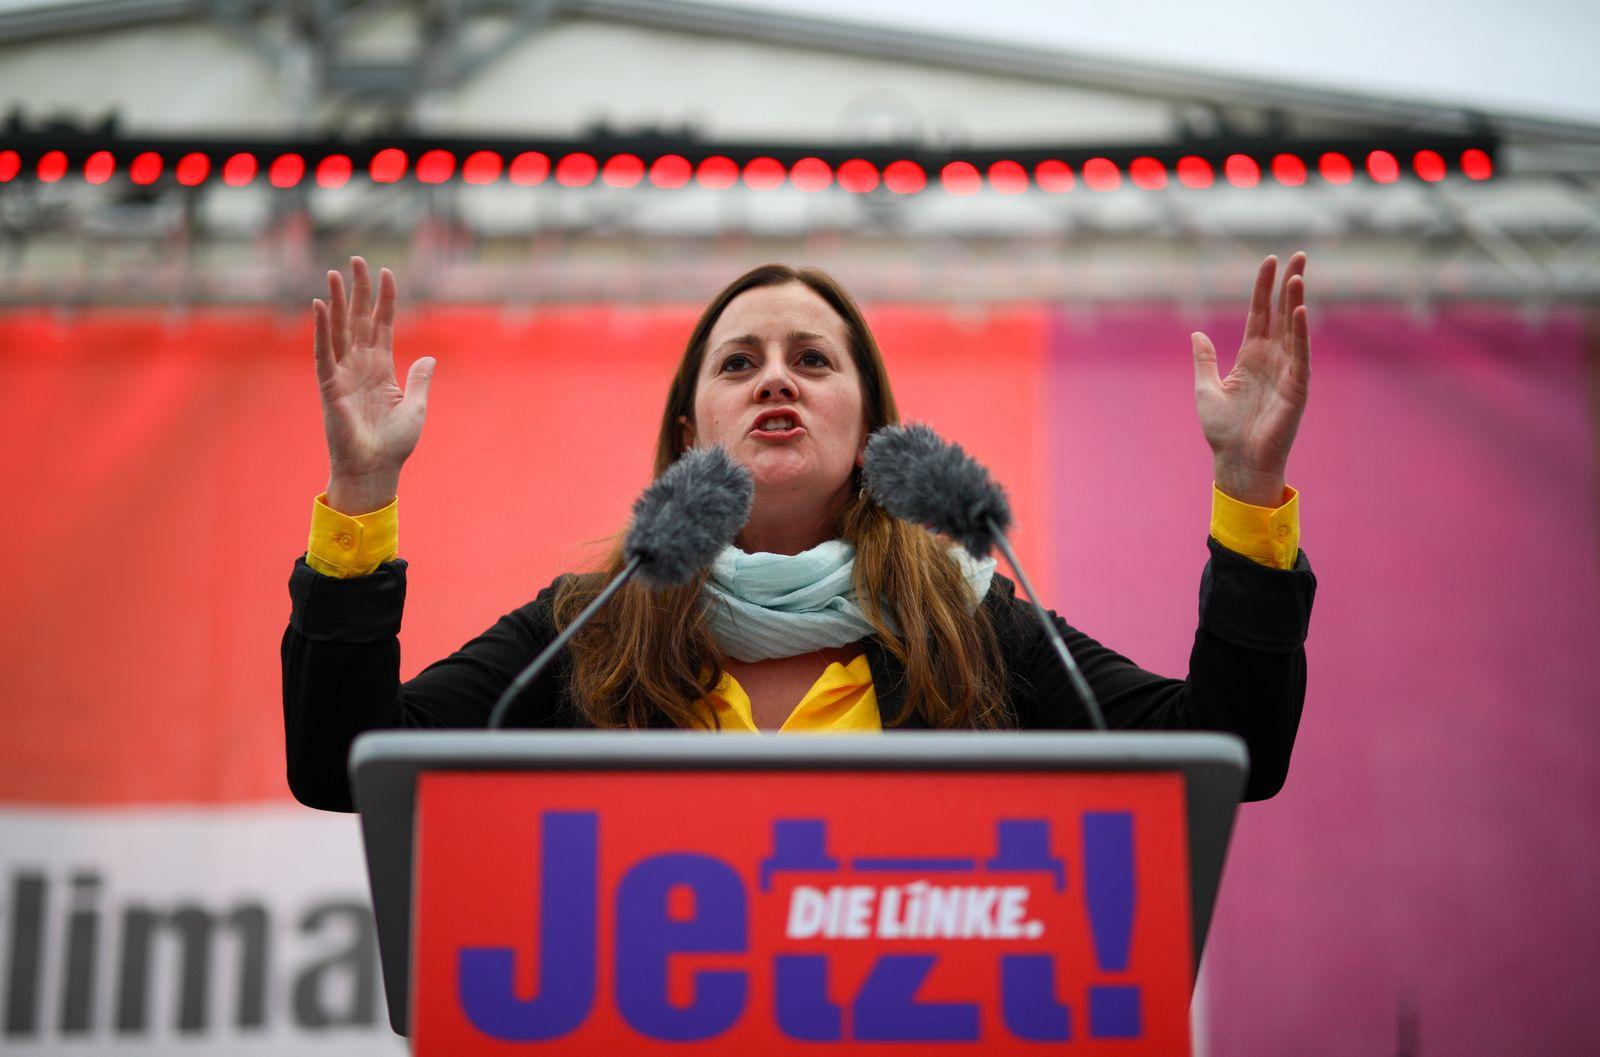 Left wing party Die Linke campaigns in Berlin